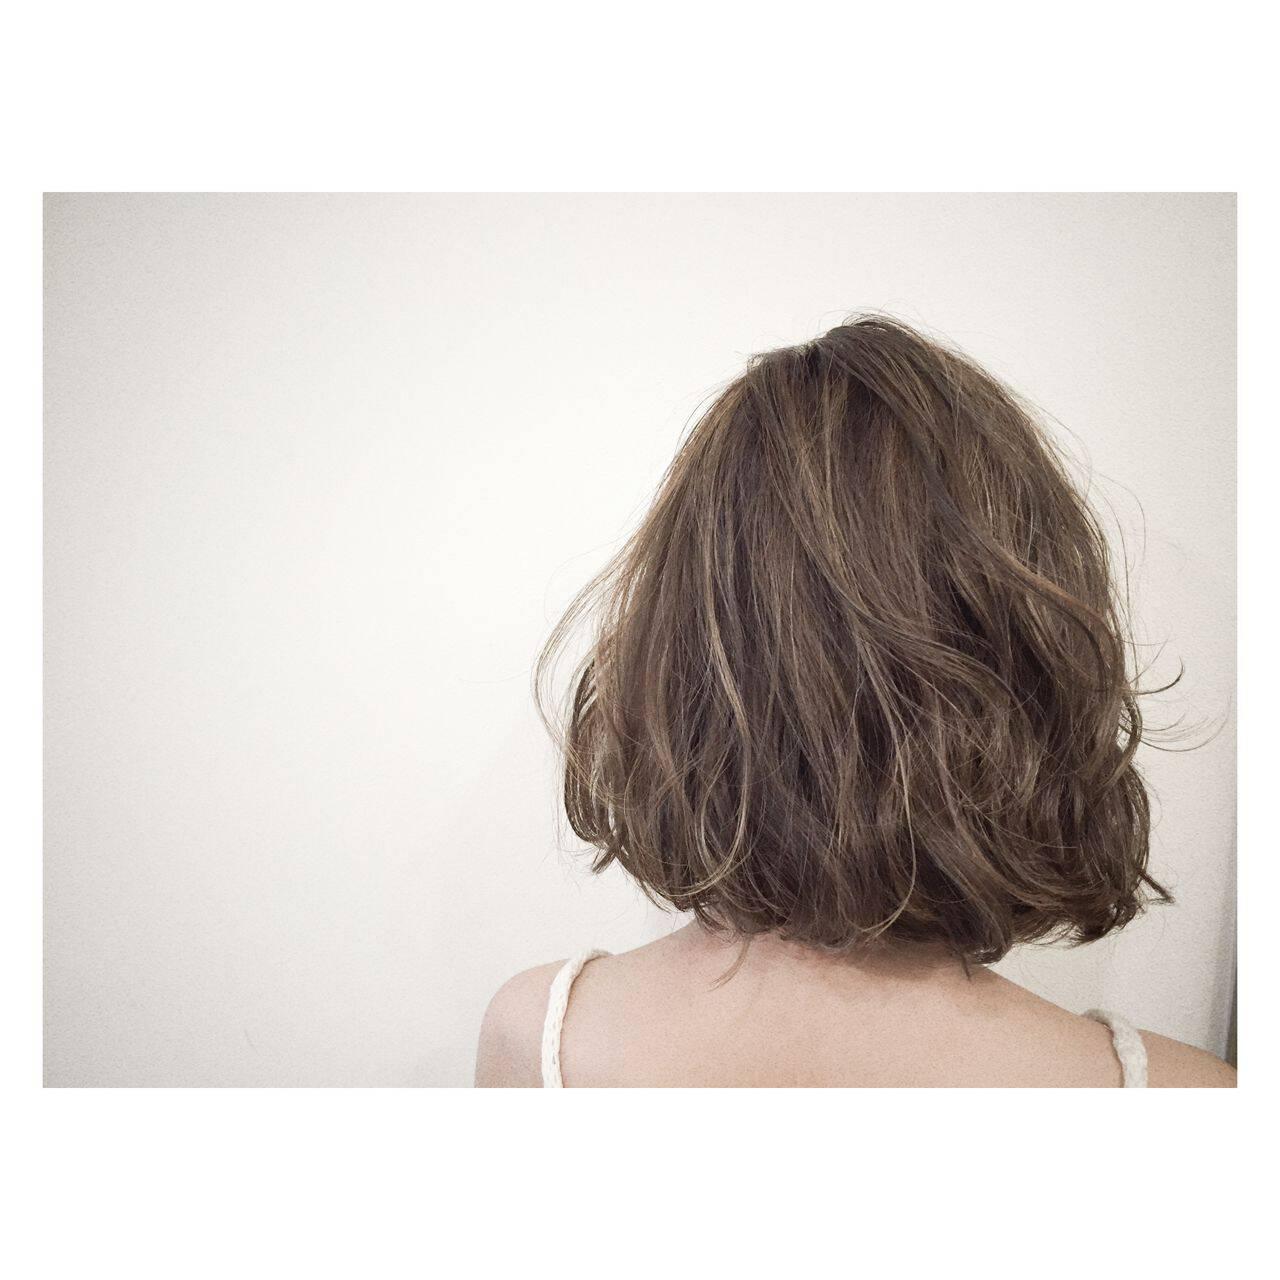 外国人風 ストリート ミディアム グラデーションカラーヘアスタイルや髪型の写真・画像